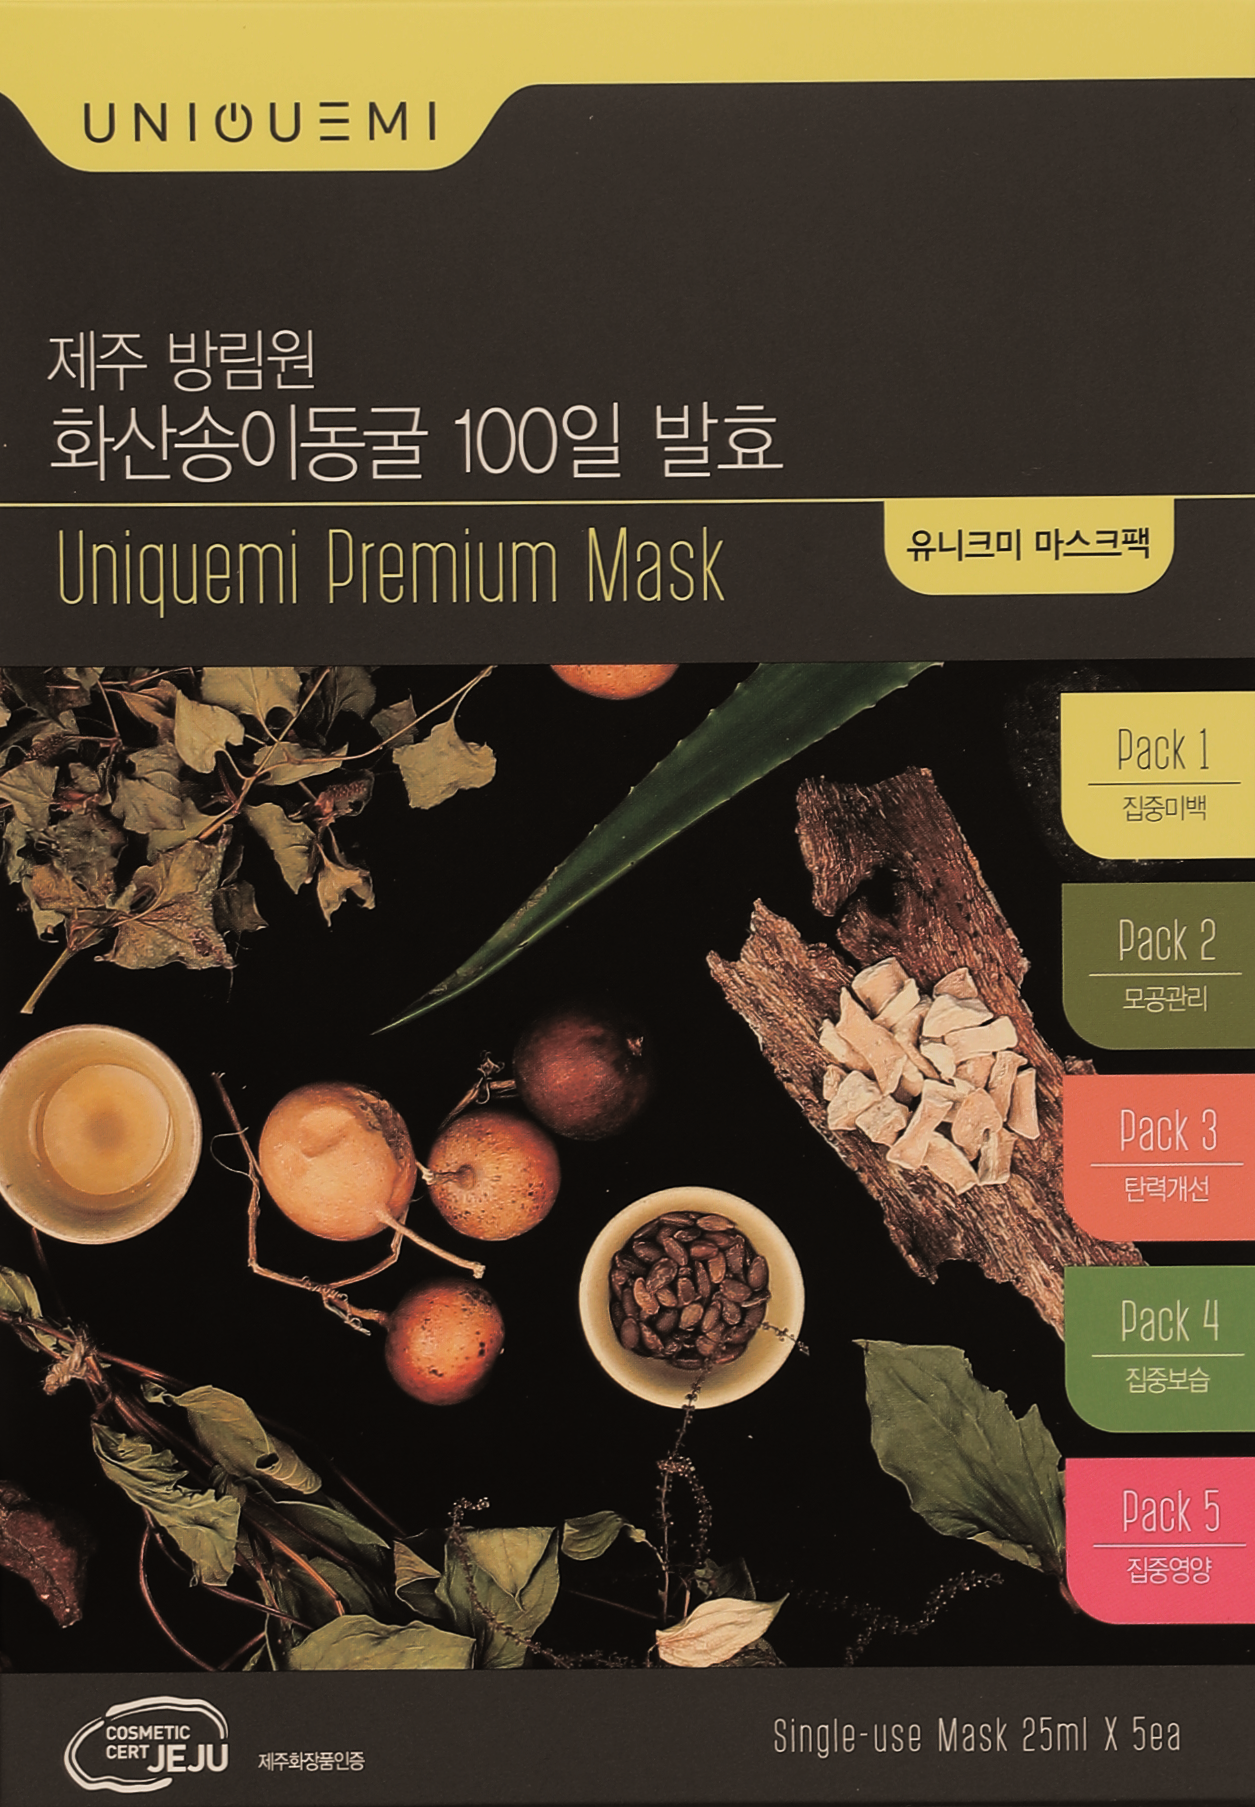 картинка НАБОР масок тканевых для лица/uniquemi premium mask от магазина Одежда+